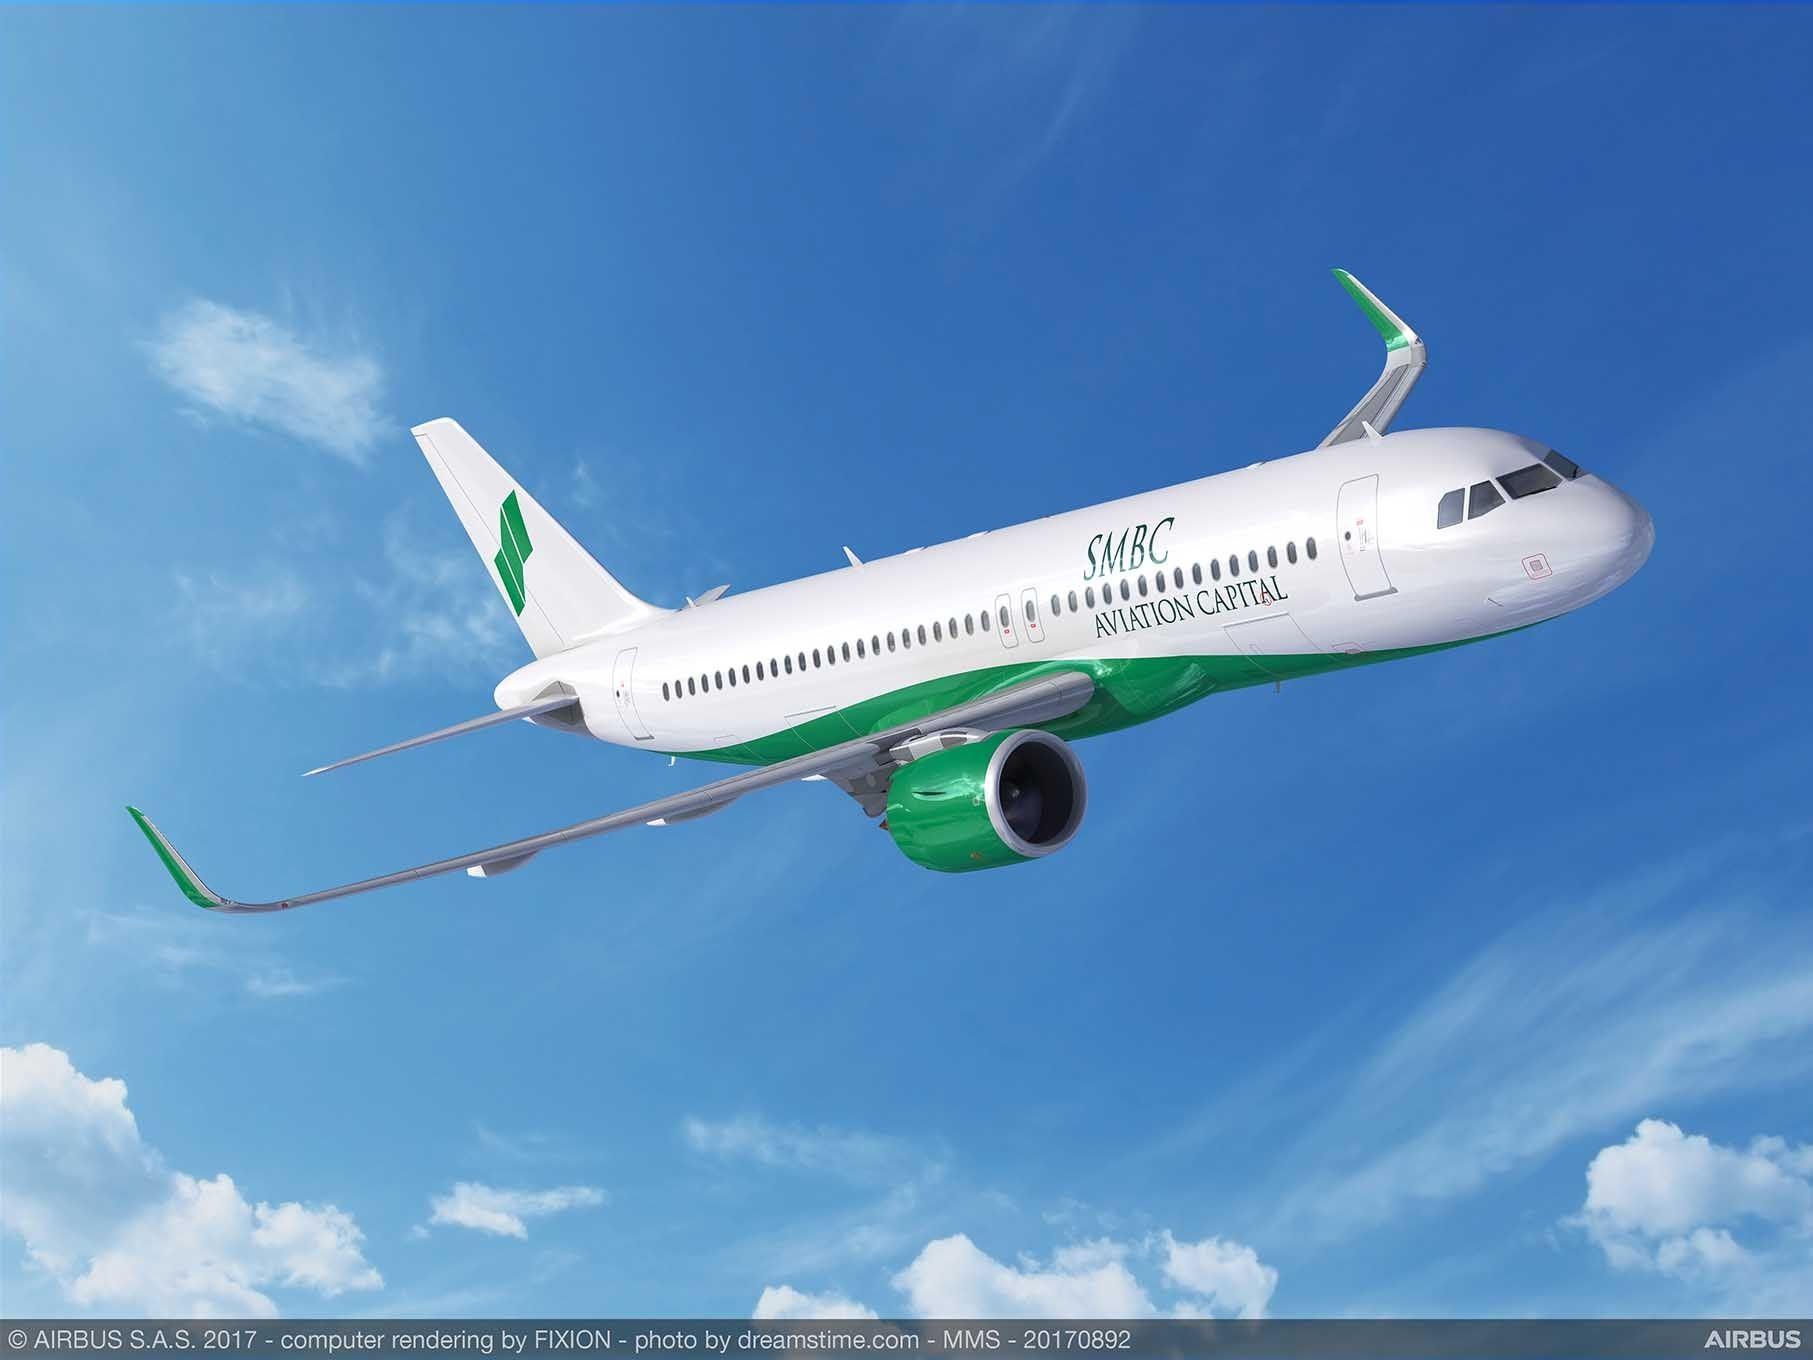 SMBC航空资本订购65架A320neo系列飞机